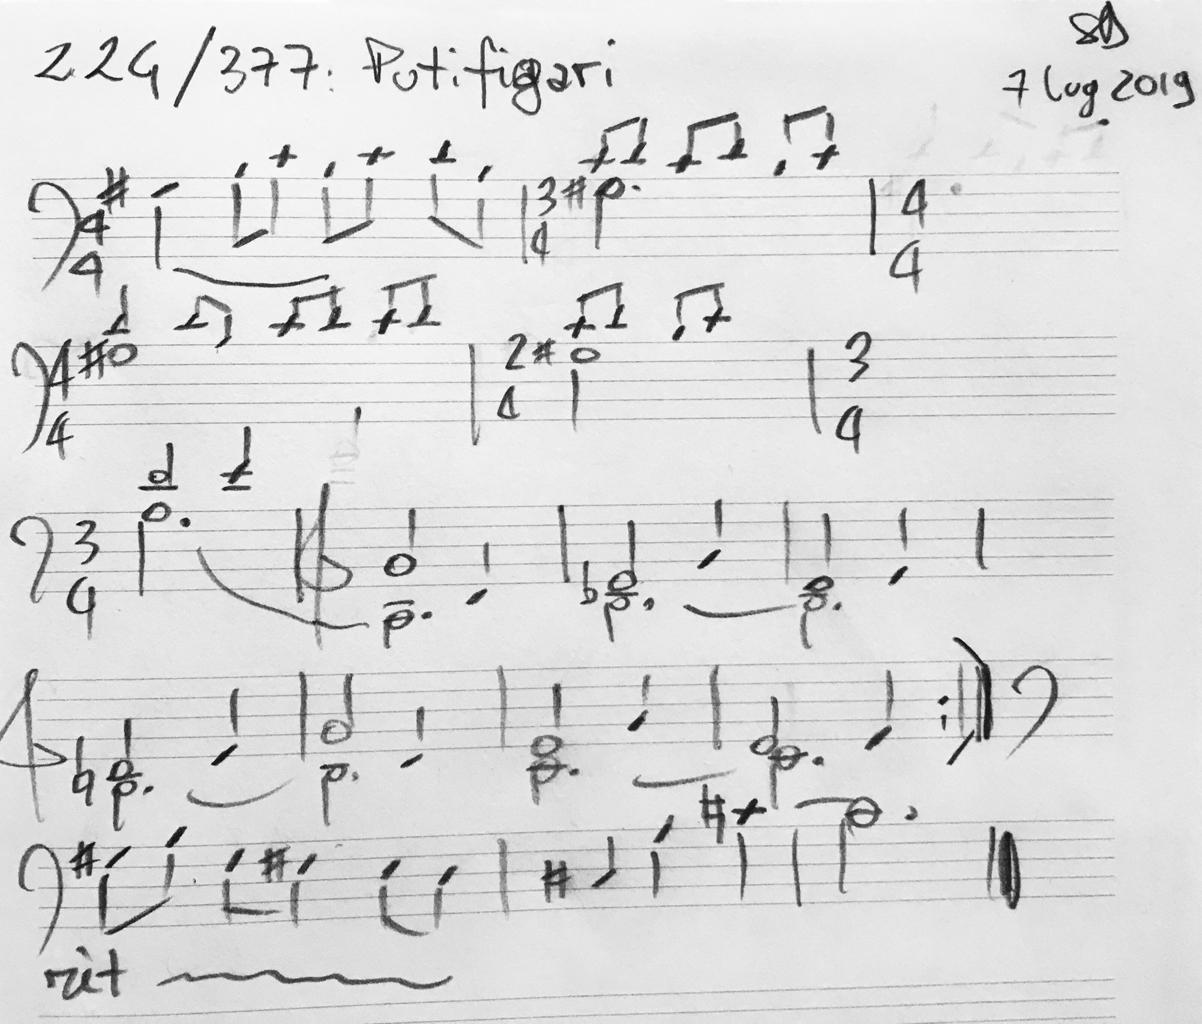 224-Putifigari-score